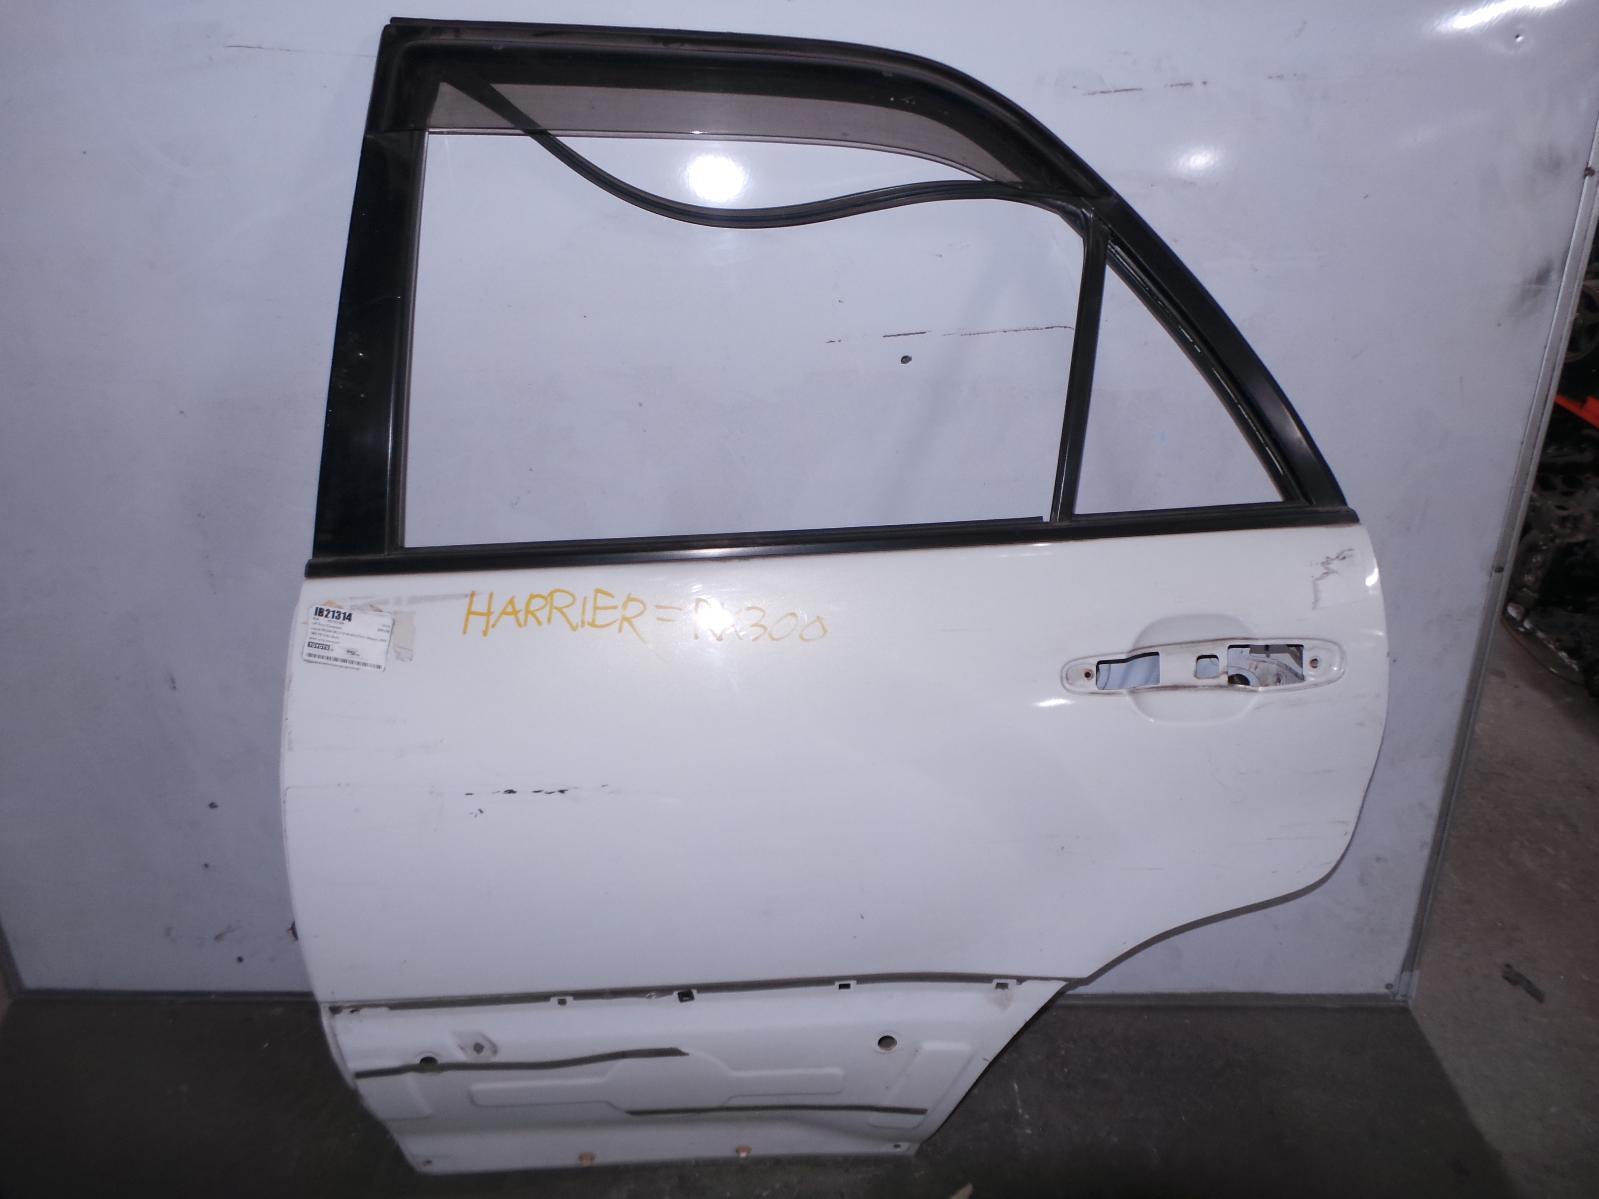 LEXUS RX300, Left Rear Door/Sliding, HARRIER IMPORT 97-02